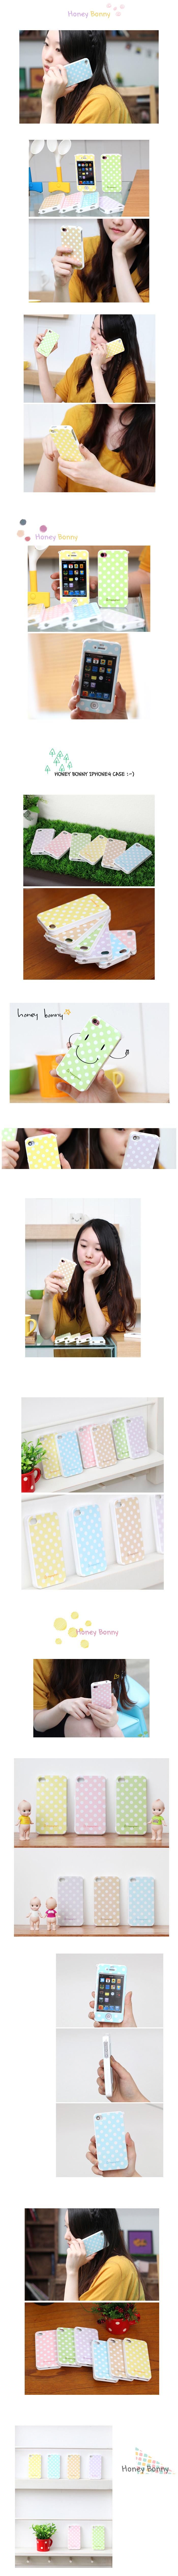 Happymori iPhone4S/4  話題の可愛いケースハッピーモリ-Honey bonny